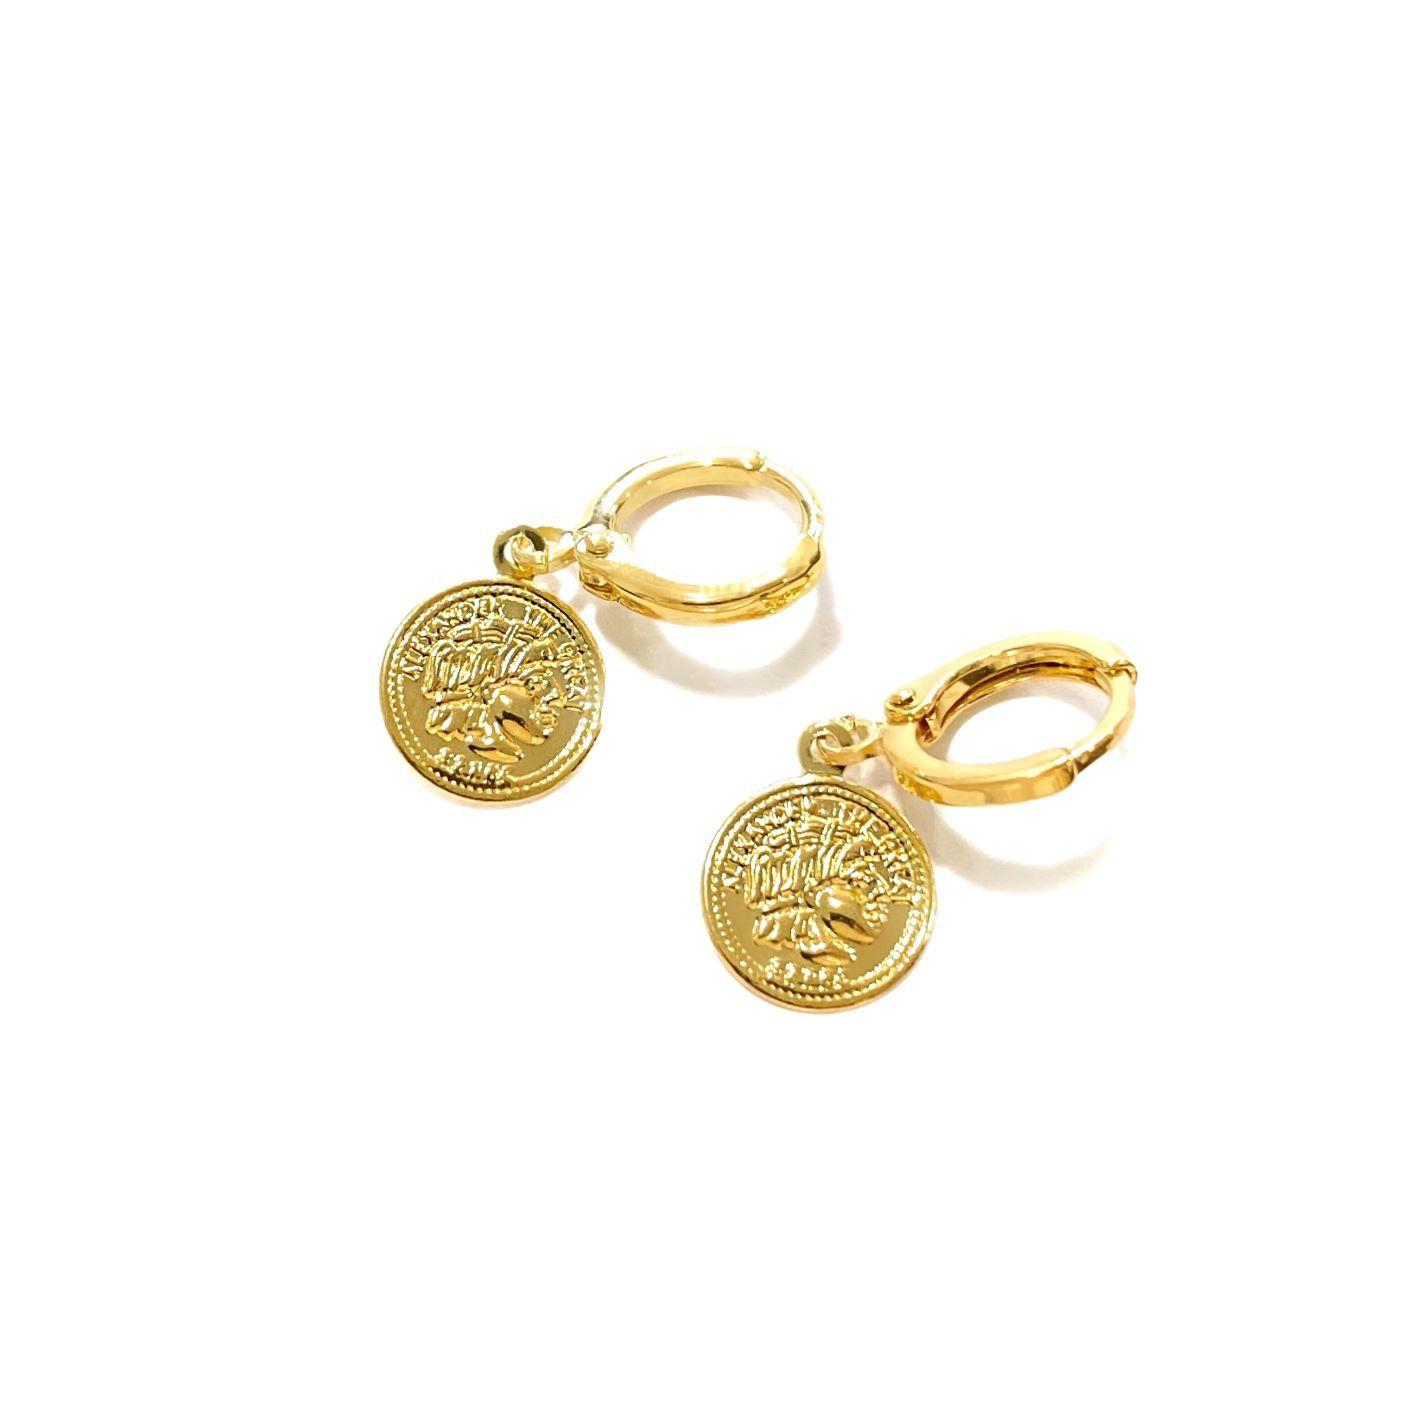 Brinco Argola Medalha Romana (Banho Ouro 24k)